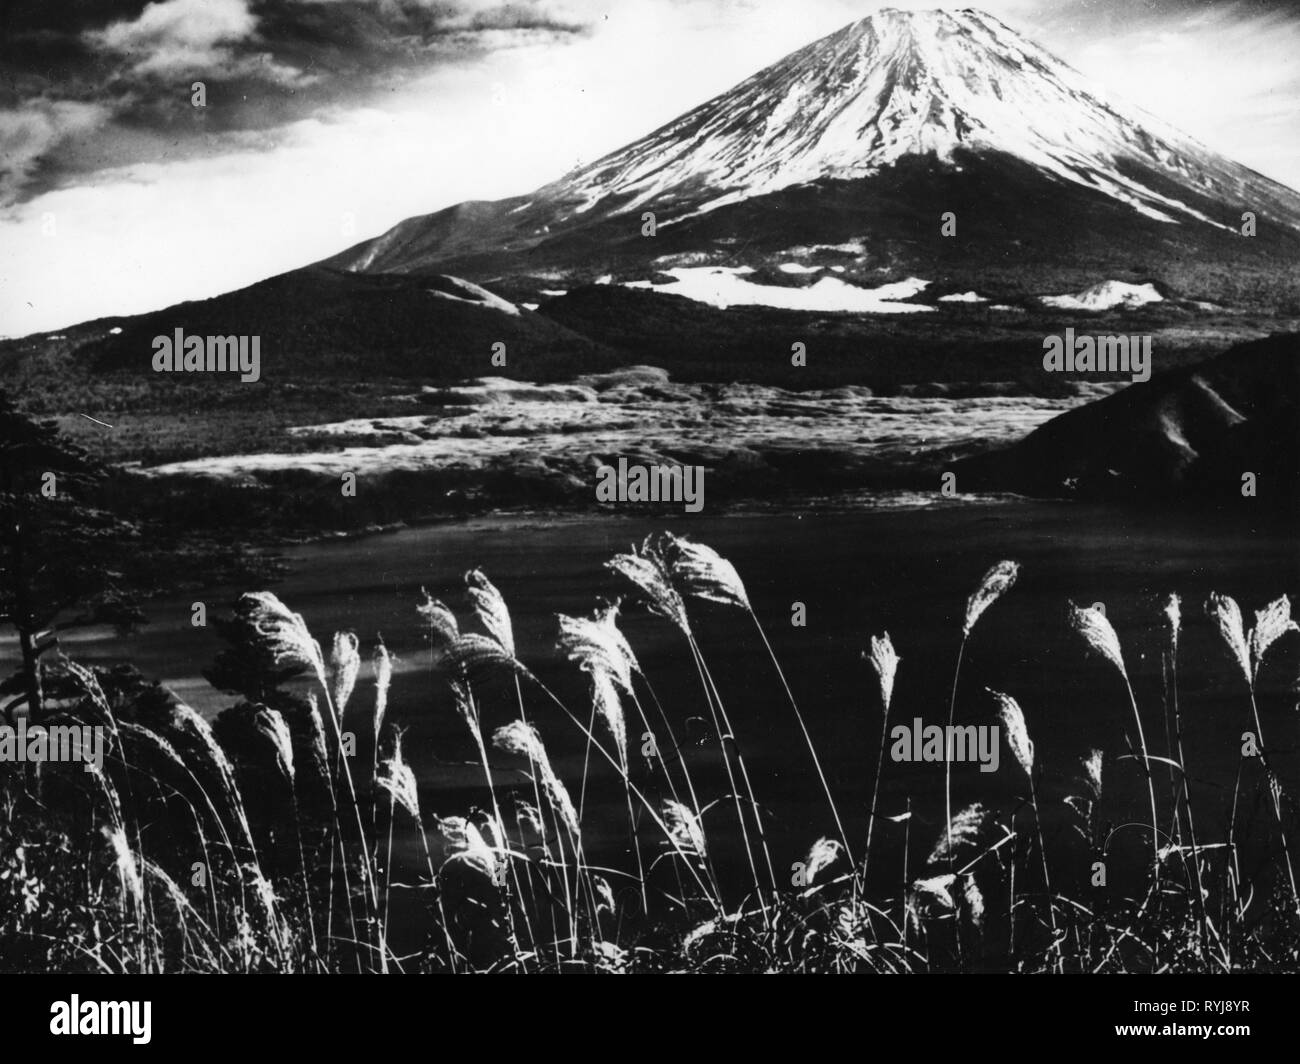 Geografia / viaggi, Giappone, paesaggi, montagne, il Monte Fuji - San, storico, storico, Asia del xx secolo, Fujyama, Fujisan, montagna, vulcano, paesaggio, Additional-Rights-Clearance-Info-Not-Available Immagini Stock